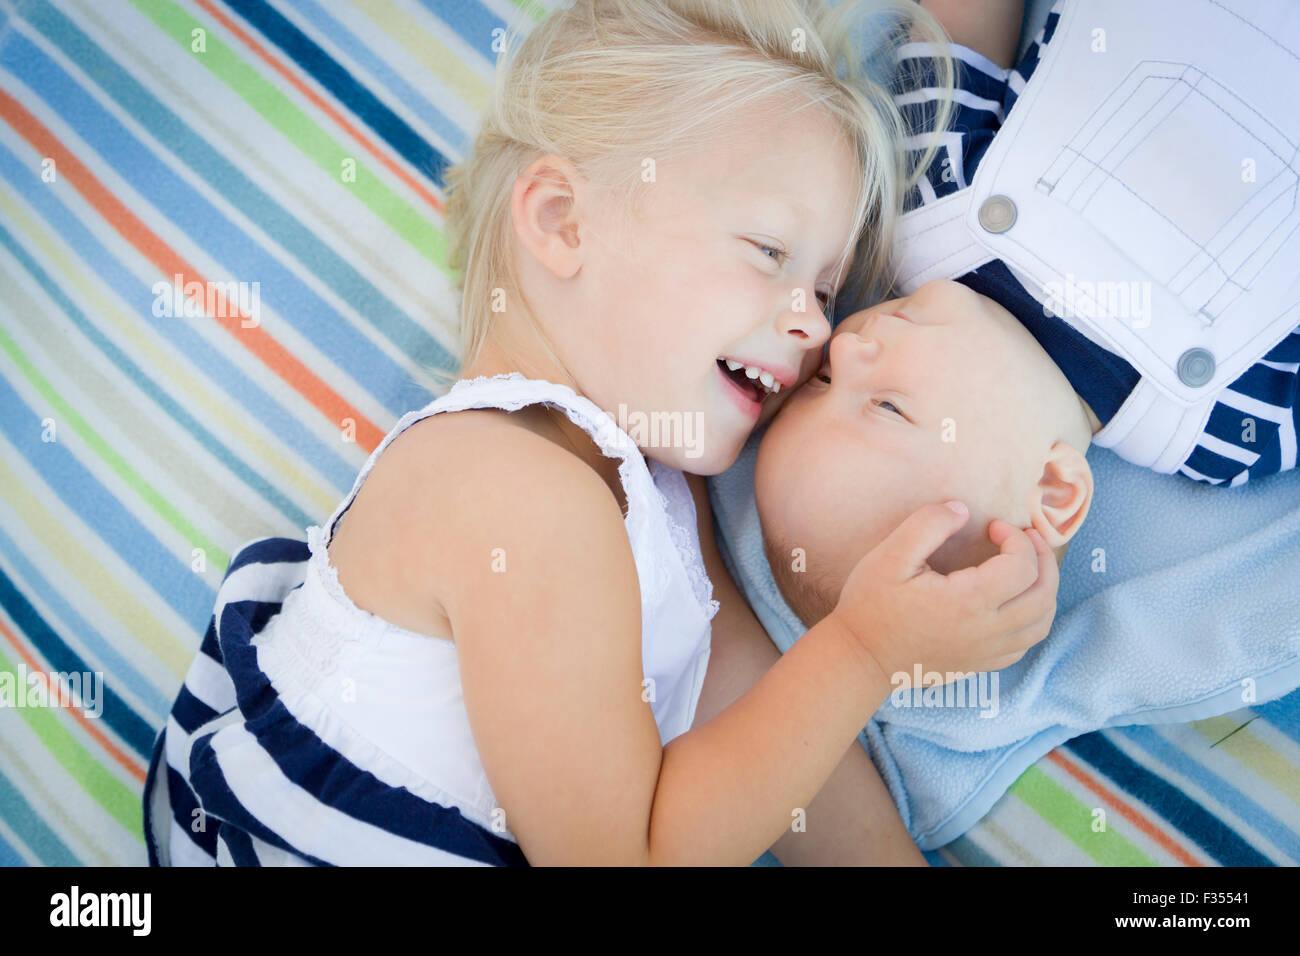 Carino Sorellina posa accanto al suo fratellino sulla coperta. Immagini Stock